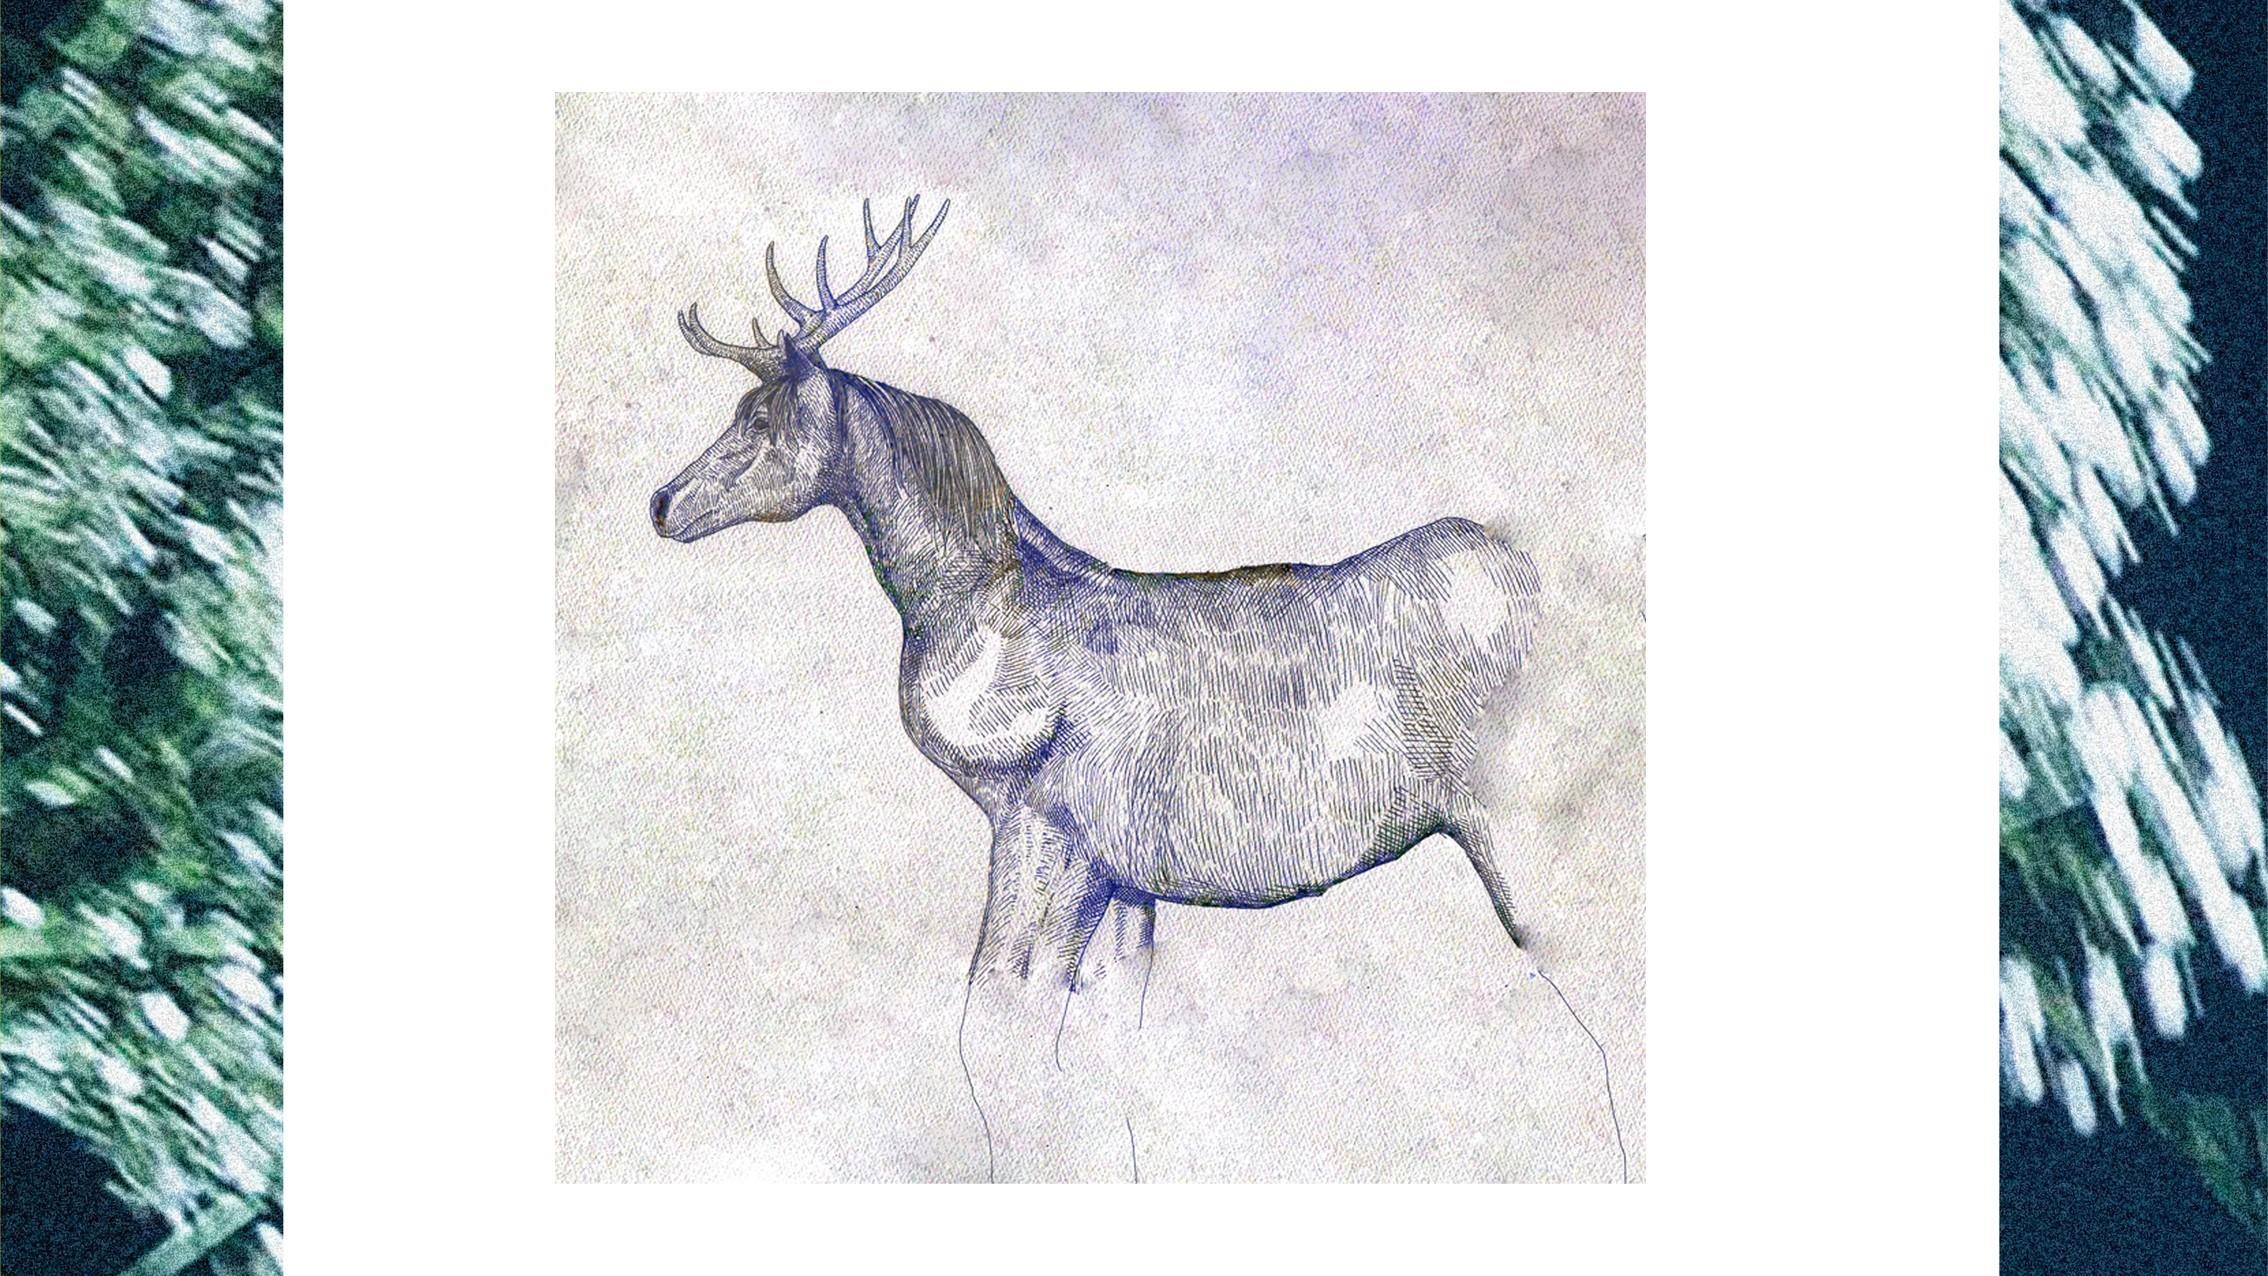 米津 玄 師 新曲 馬 と 鹿